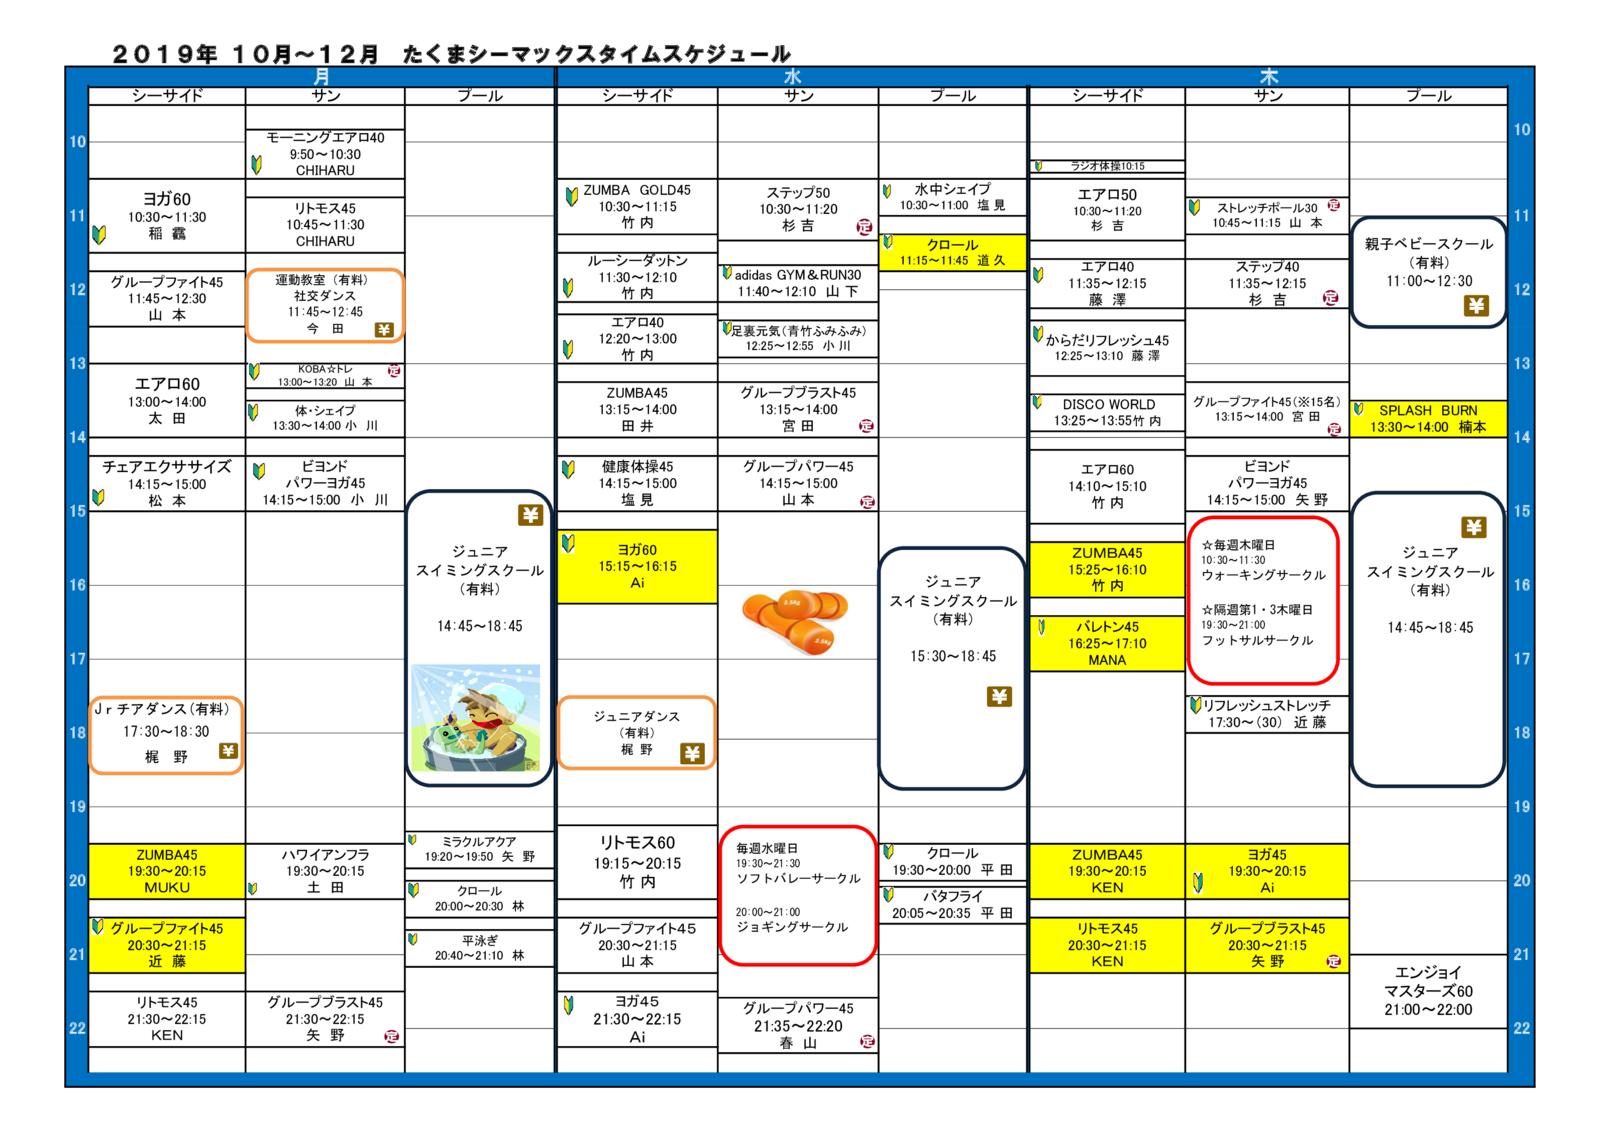 プログラム2019年10月~12月のサムネイル